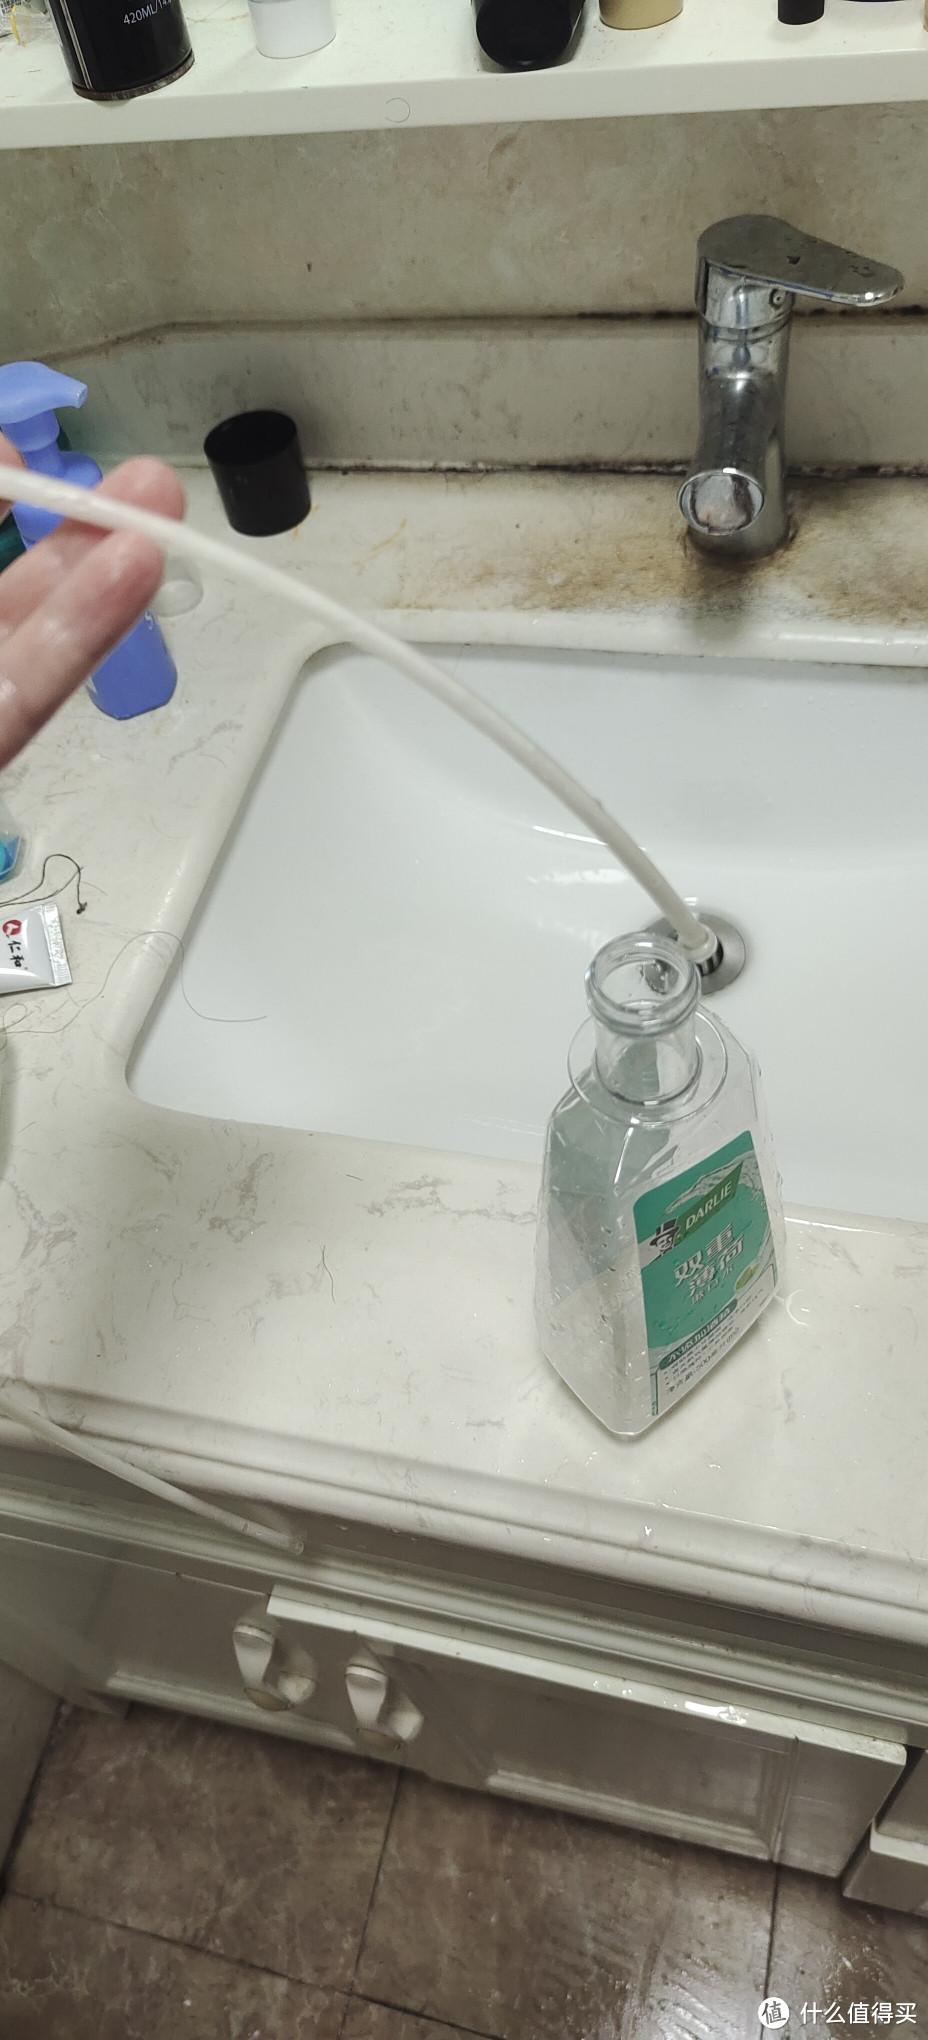 配上长管 型号是3*5的 只需要用50公分不到 用的是黑人漱口水瓶子 瓶口钻孔